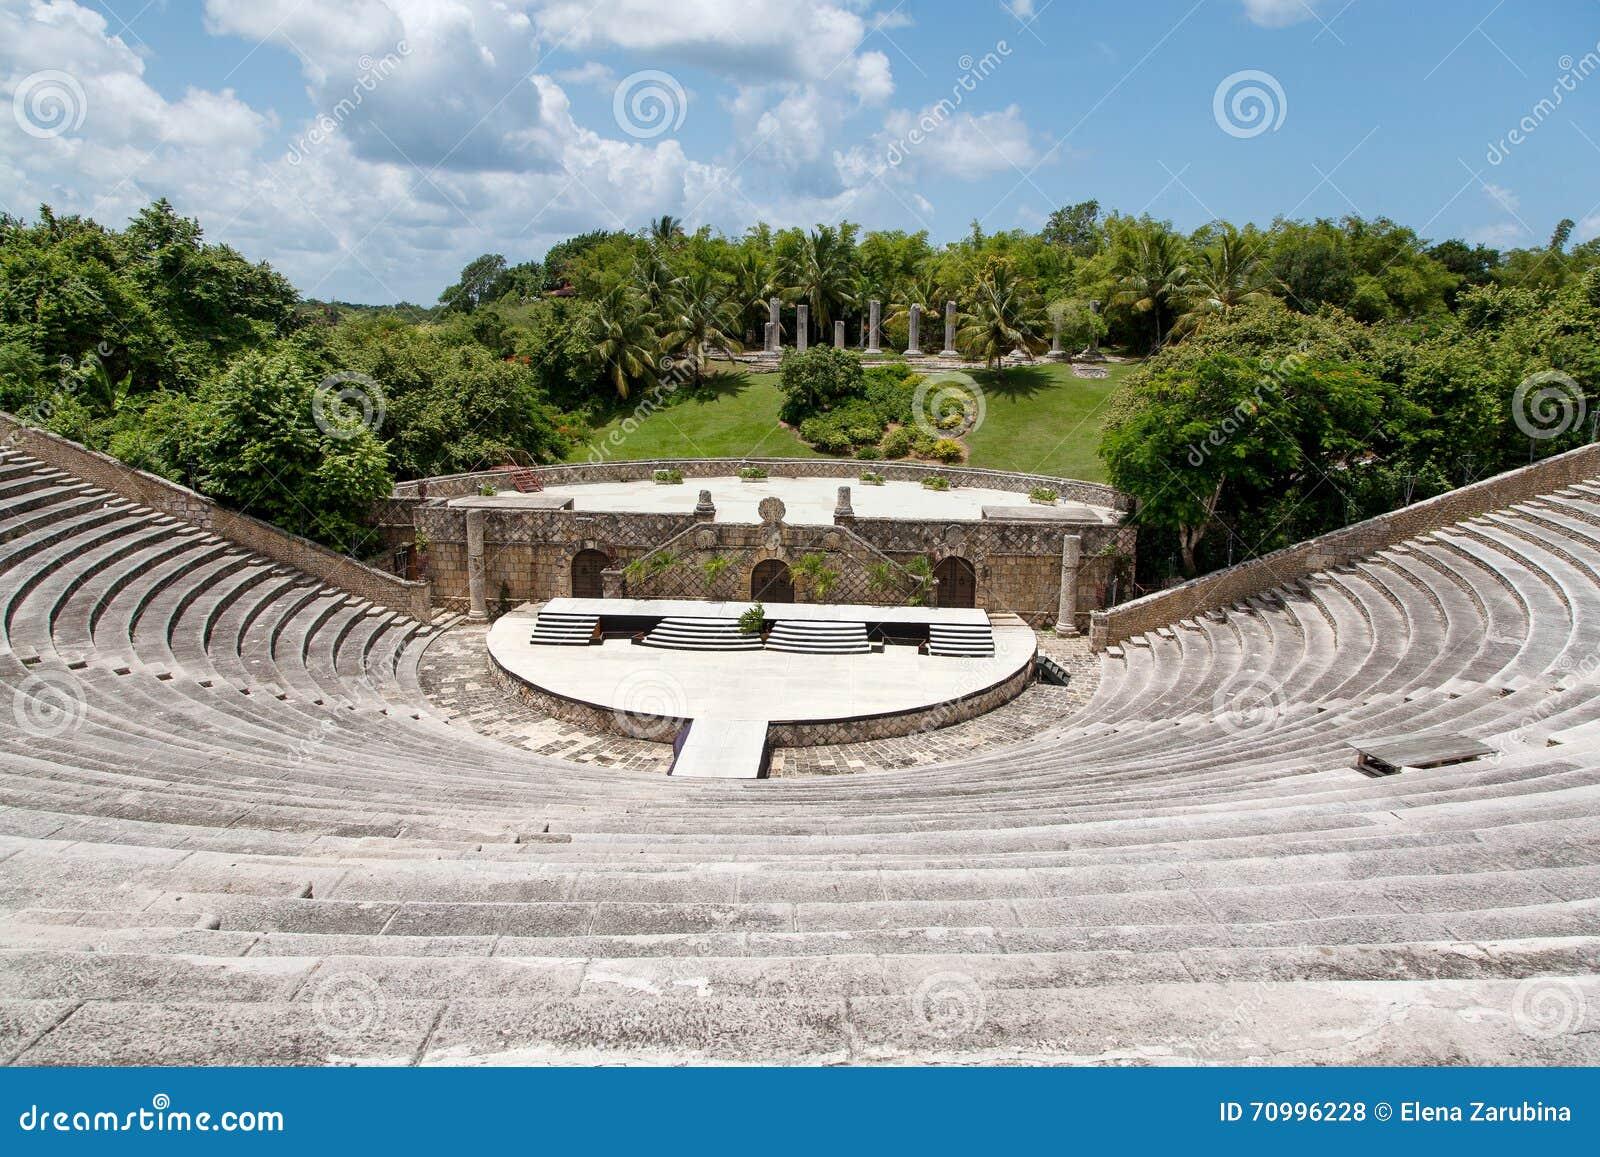 Antyczny amphitheatre w Alcie De Chavon, republika dominikańska